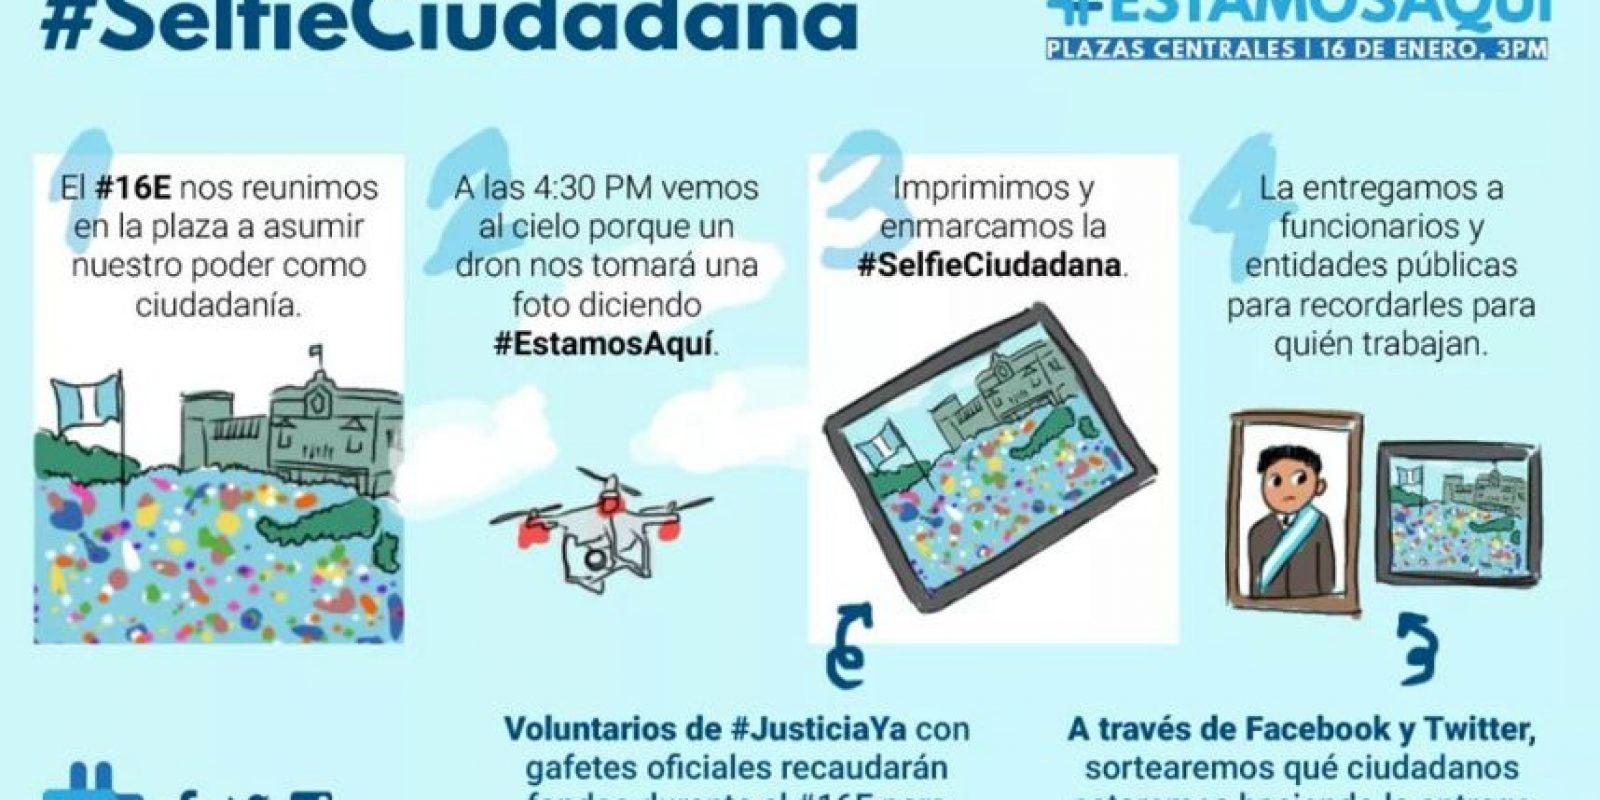 Foto:#JusticiaYa